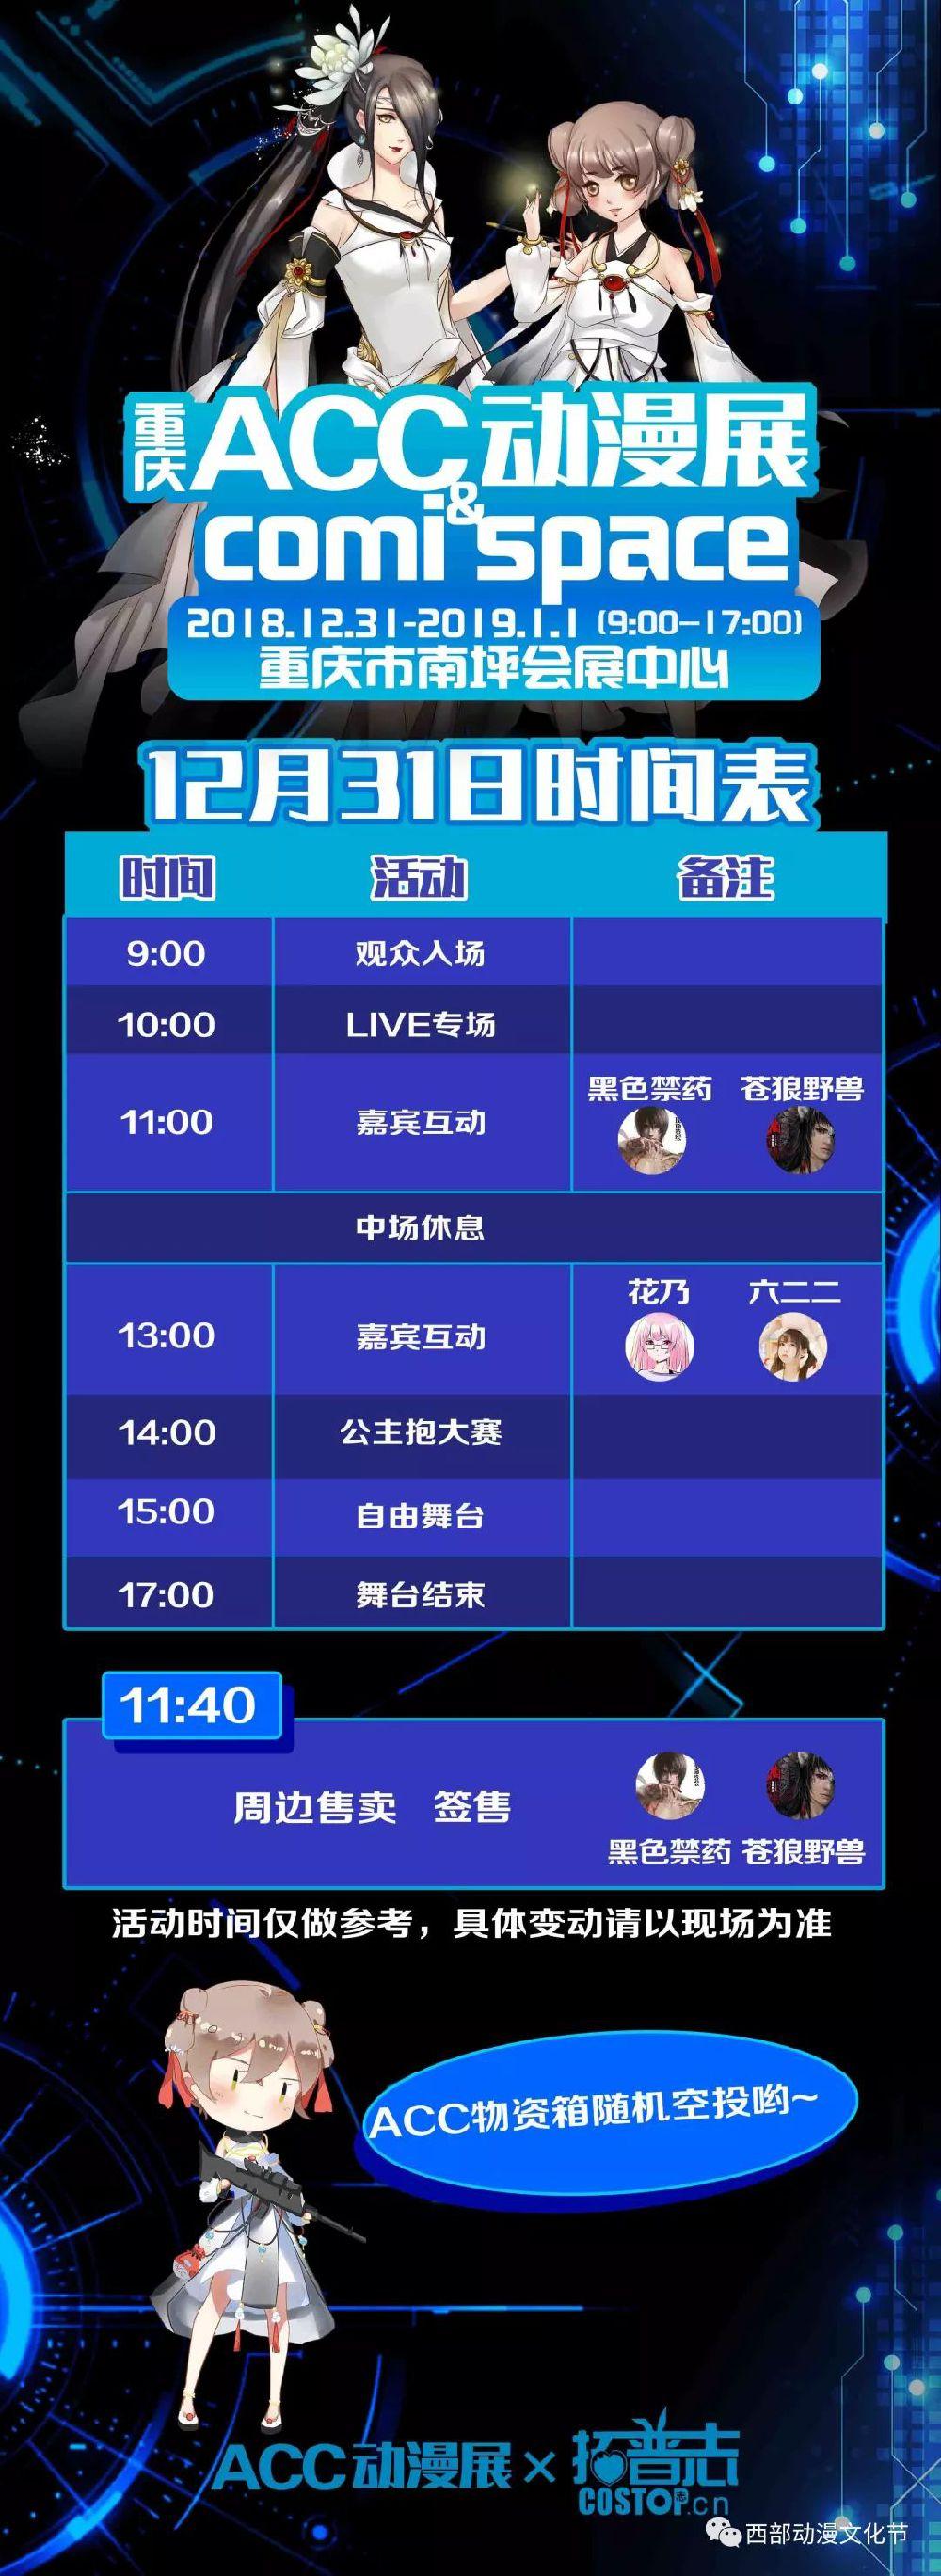 重庆ACC动漫展嘉宾名单及活动日程安排